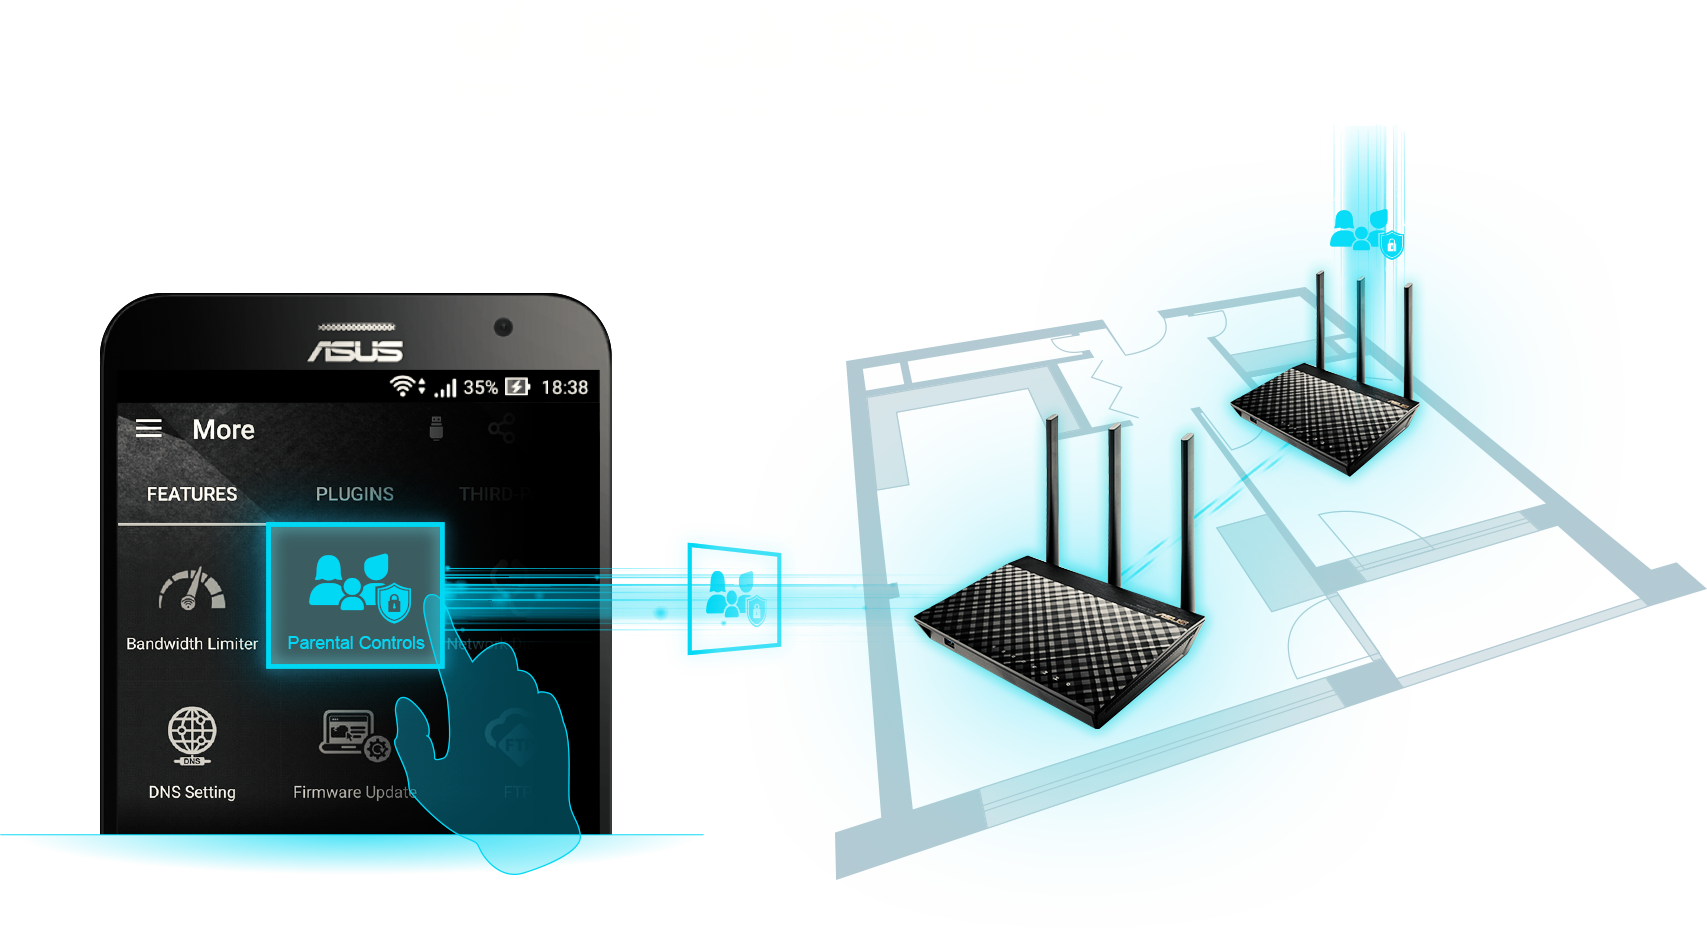 Les caractéristiques de chaque routeur sont compatibles avec votre système Wi-Fi AiMesh